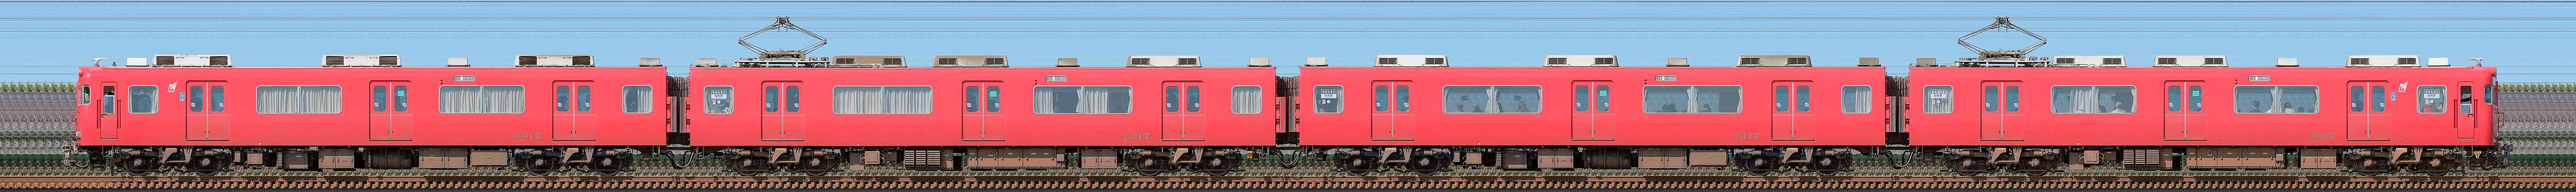 名鉄6000系(4次車)6017編成(山側)の編成サイドビュー